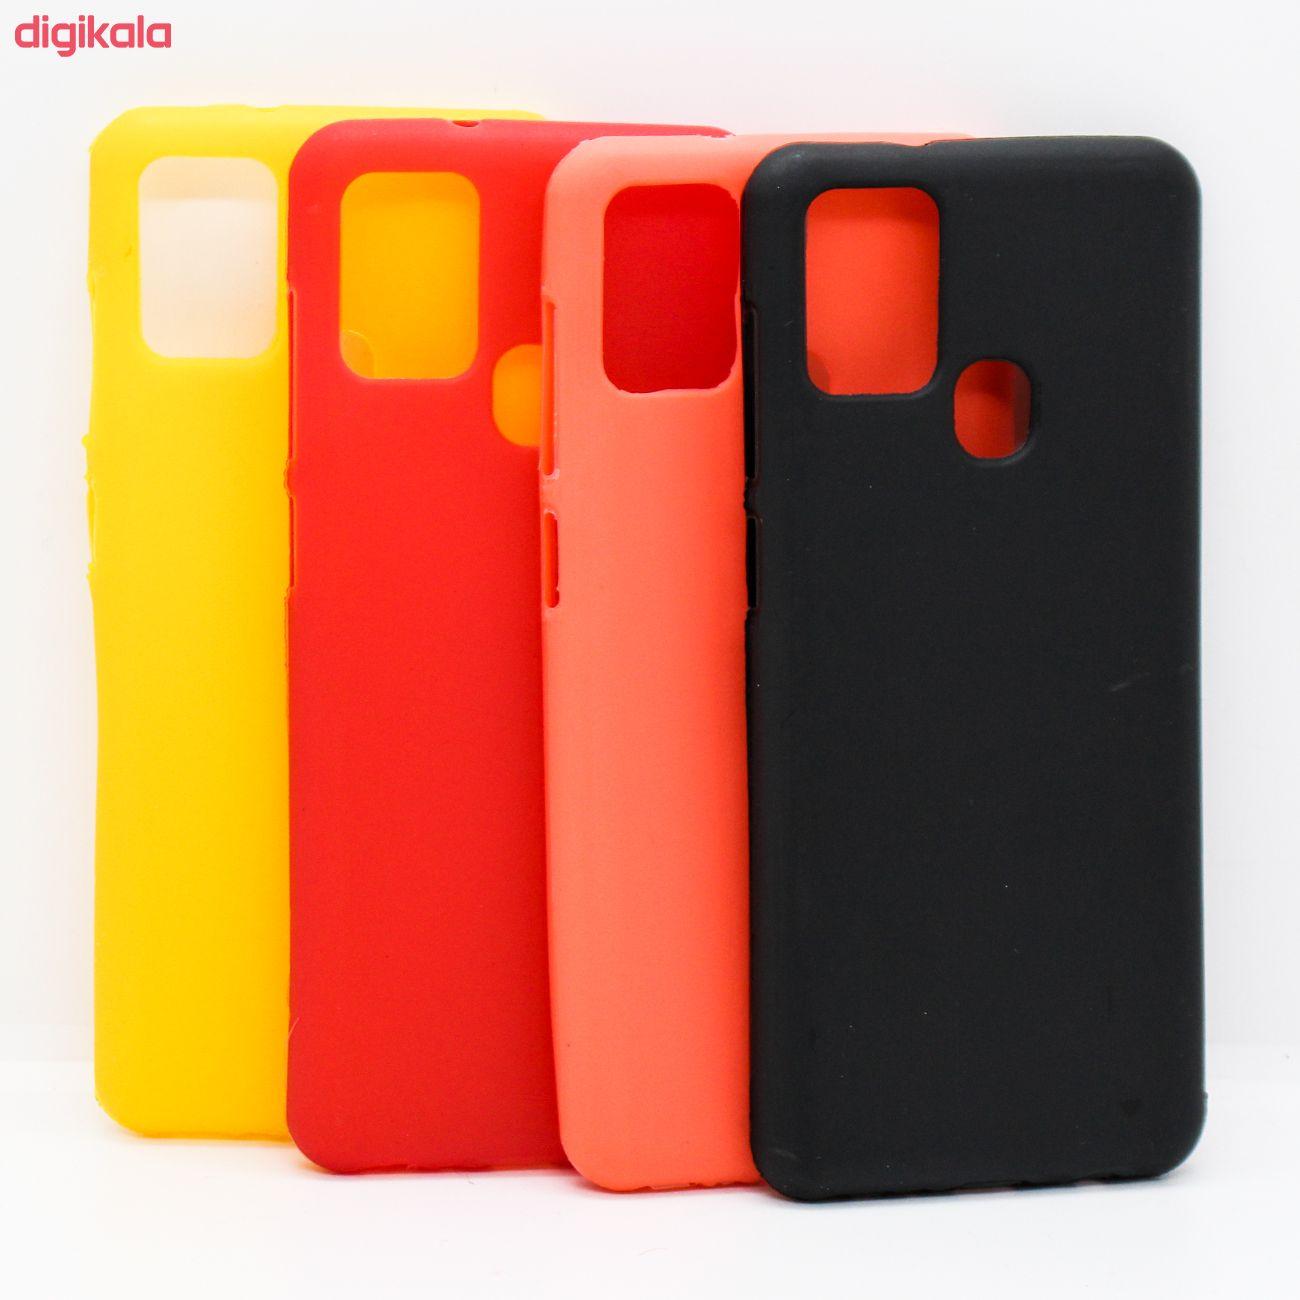 کاور مدل HF مناسب برای گوشی موبایل سامسونگ Galaxy A21s main 1 1